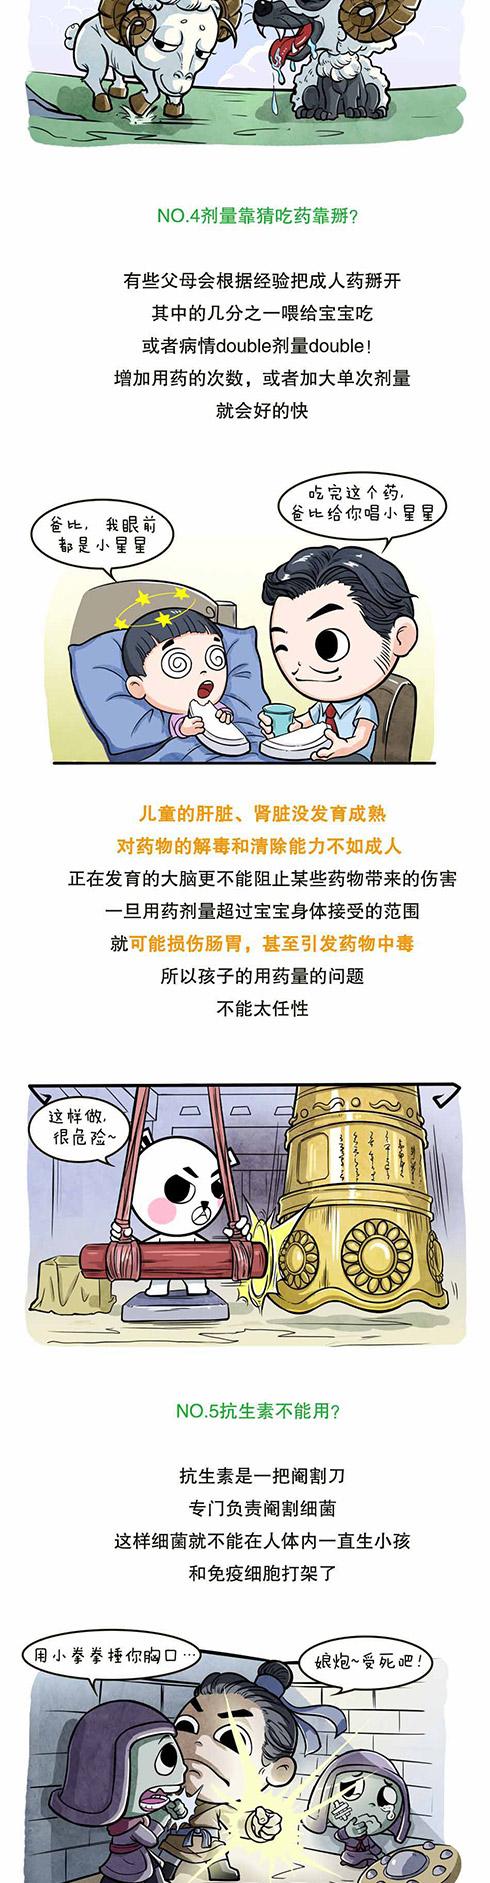 yongyaoanquan_03